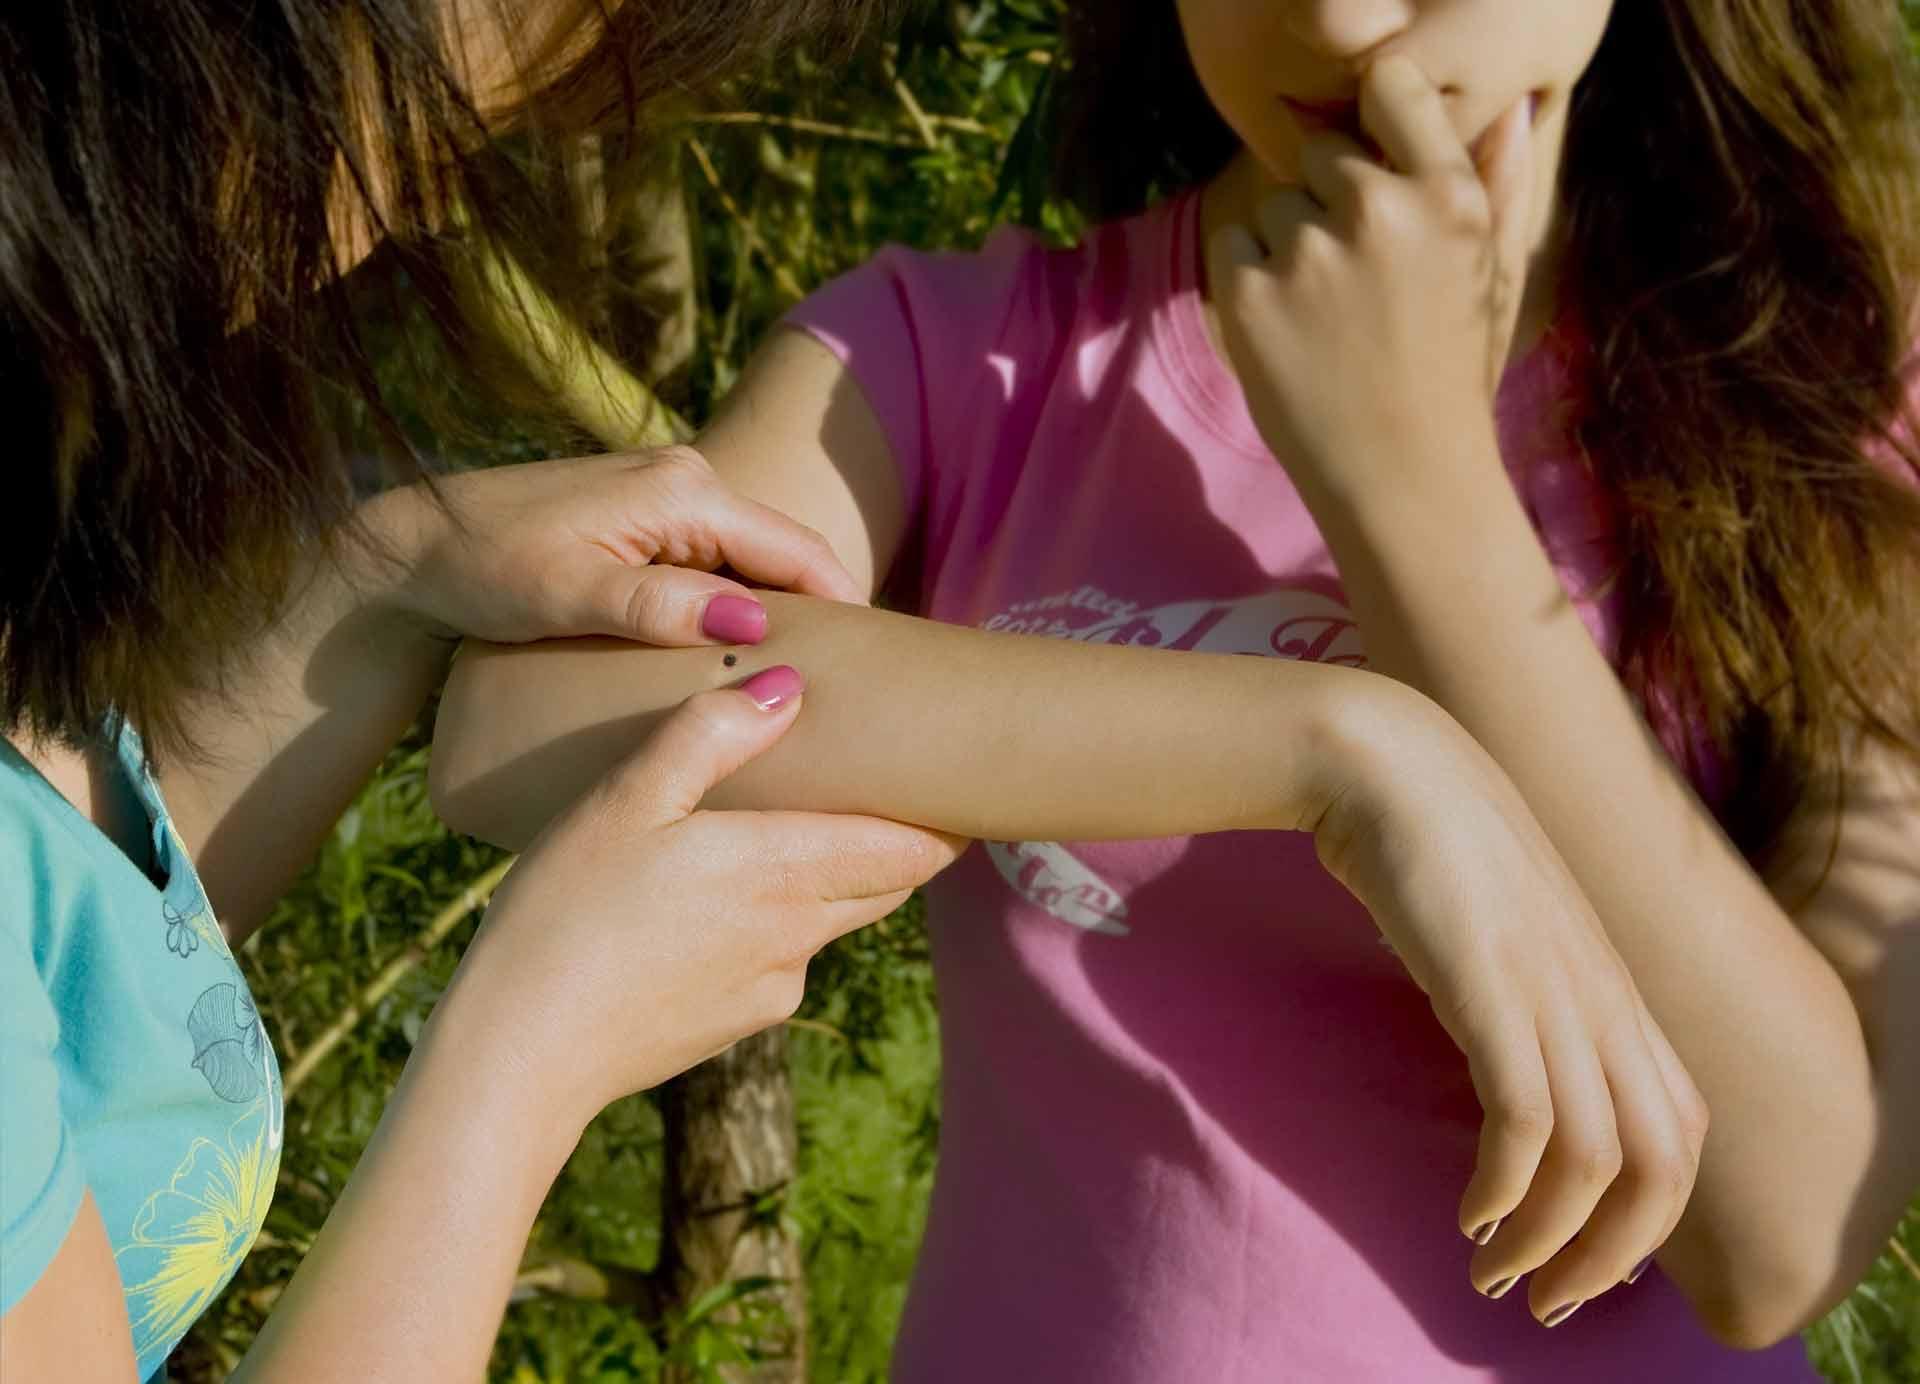 Tick On An Arm